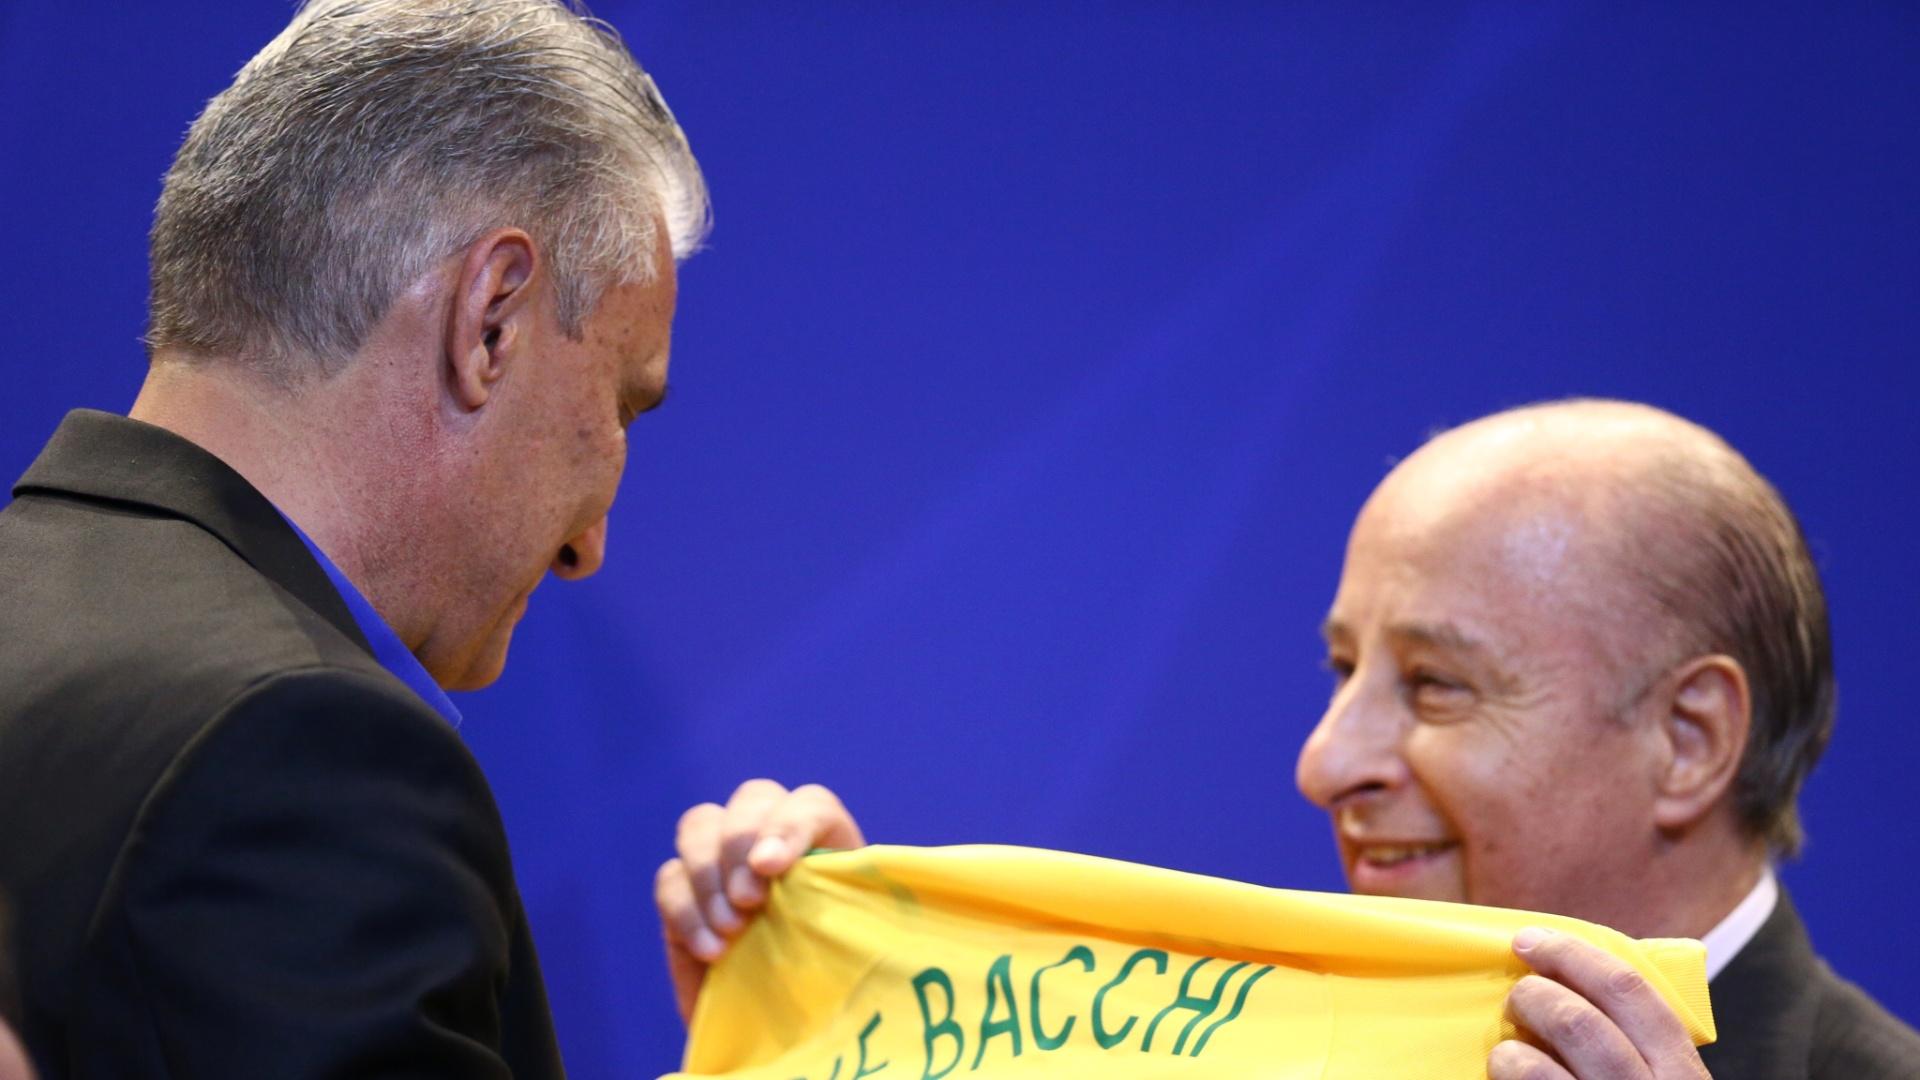 Marco Polo del Nero entrega a Tite uma camisa da seleção brasileira com o nome da mãe do treinador, Ivone